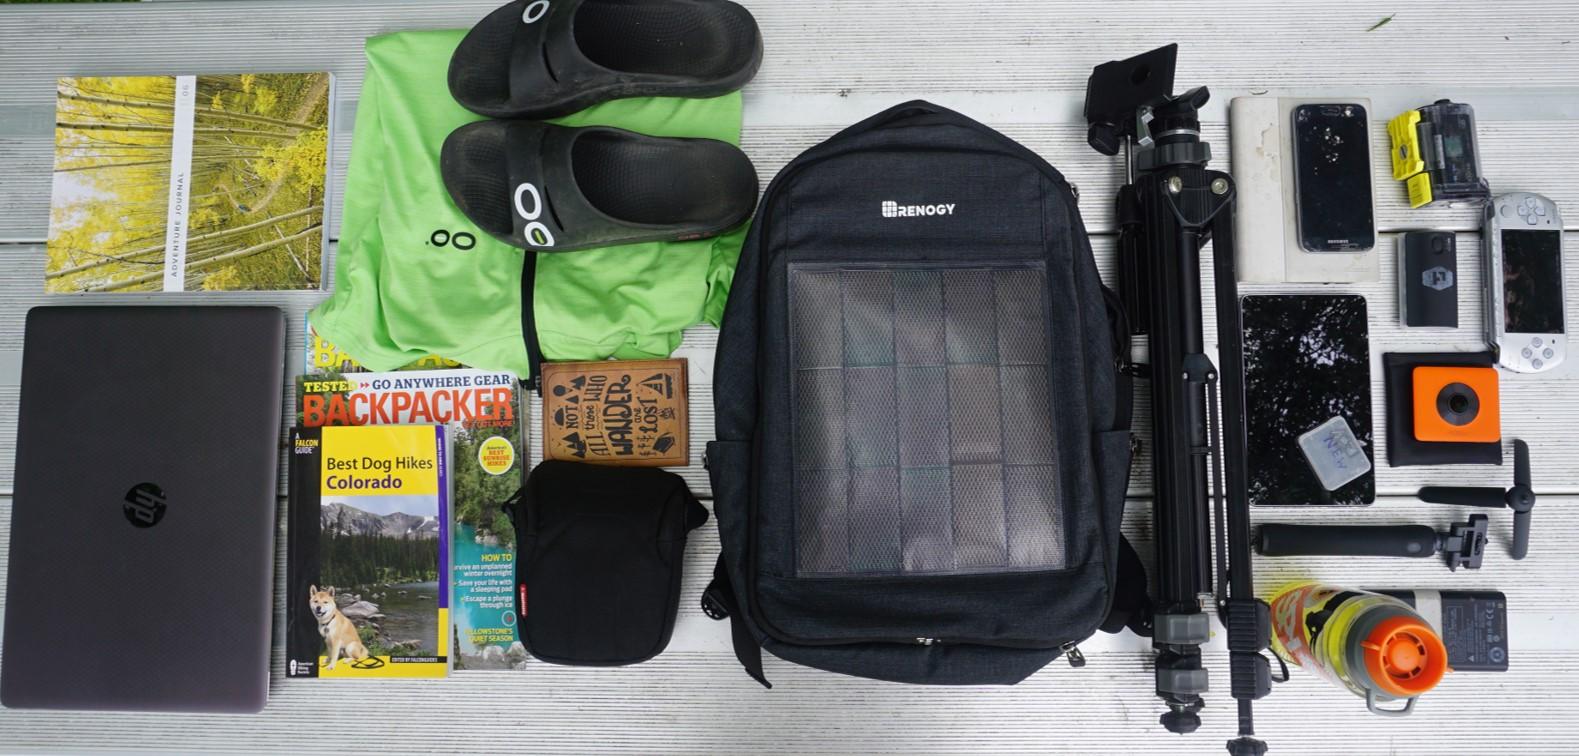 Renogy Backpack.jpg